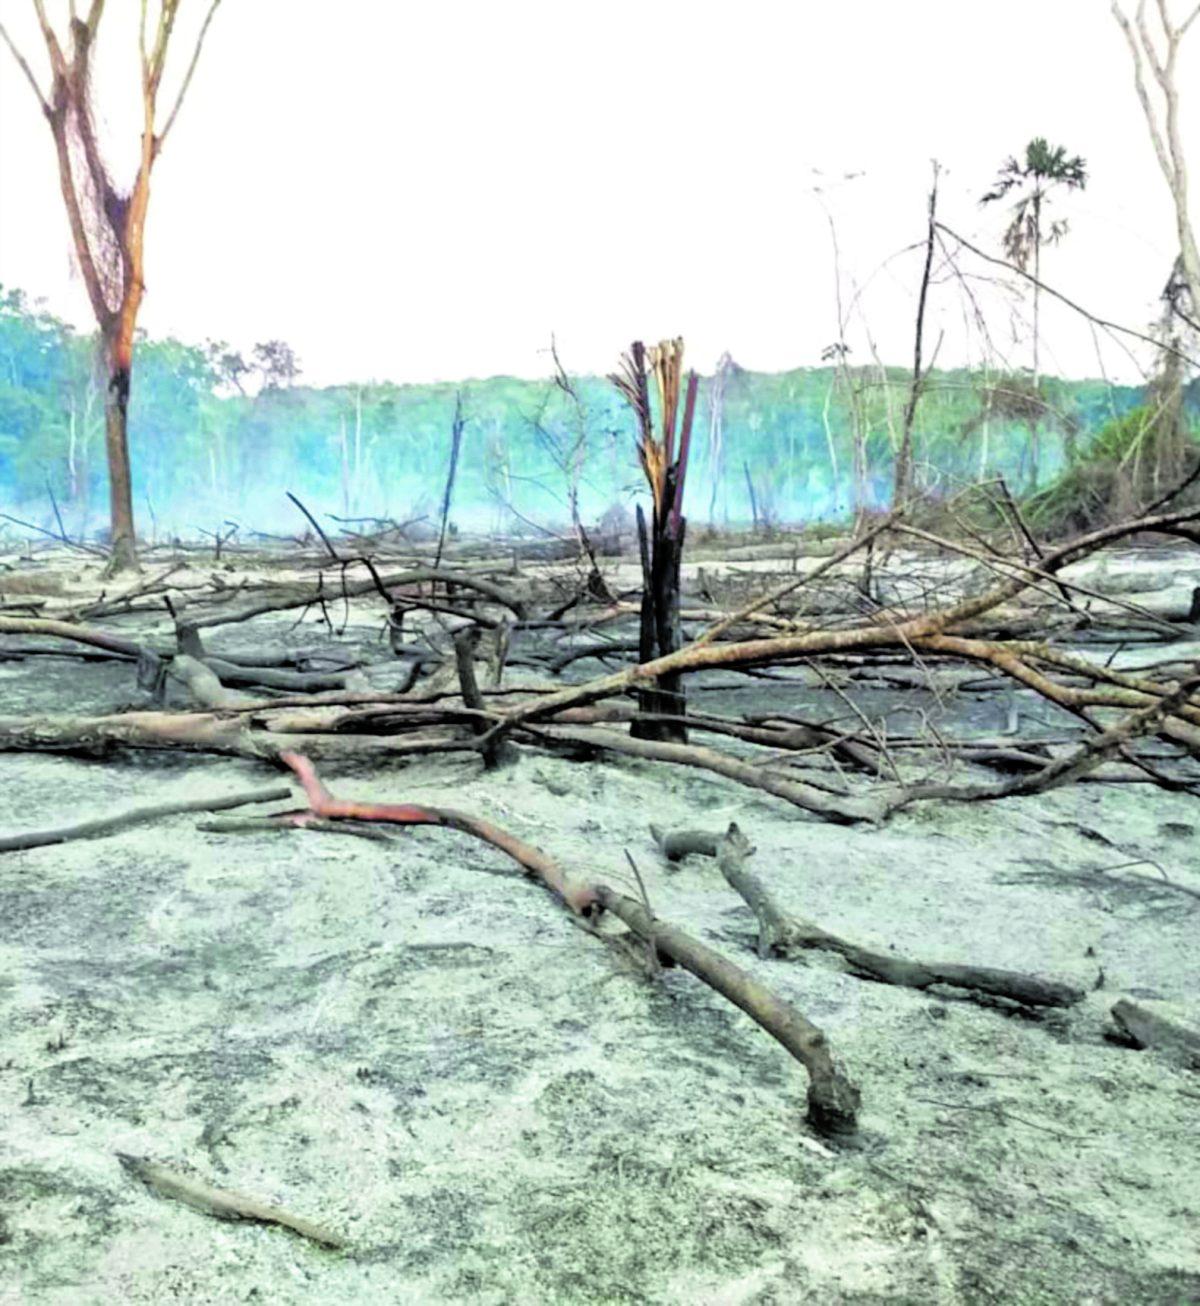 Incendios: Más de 97 hectáreas han sido consumidas por las llamas en lo que va del año